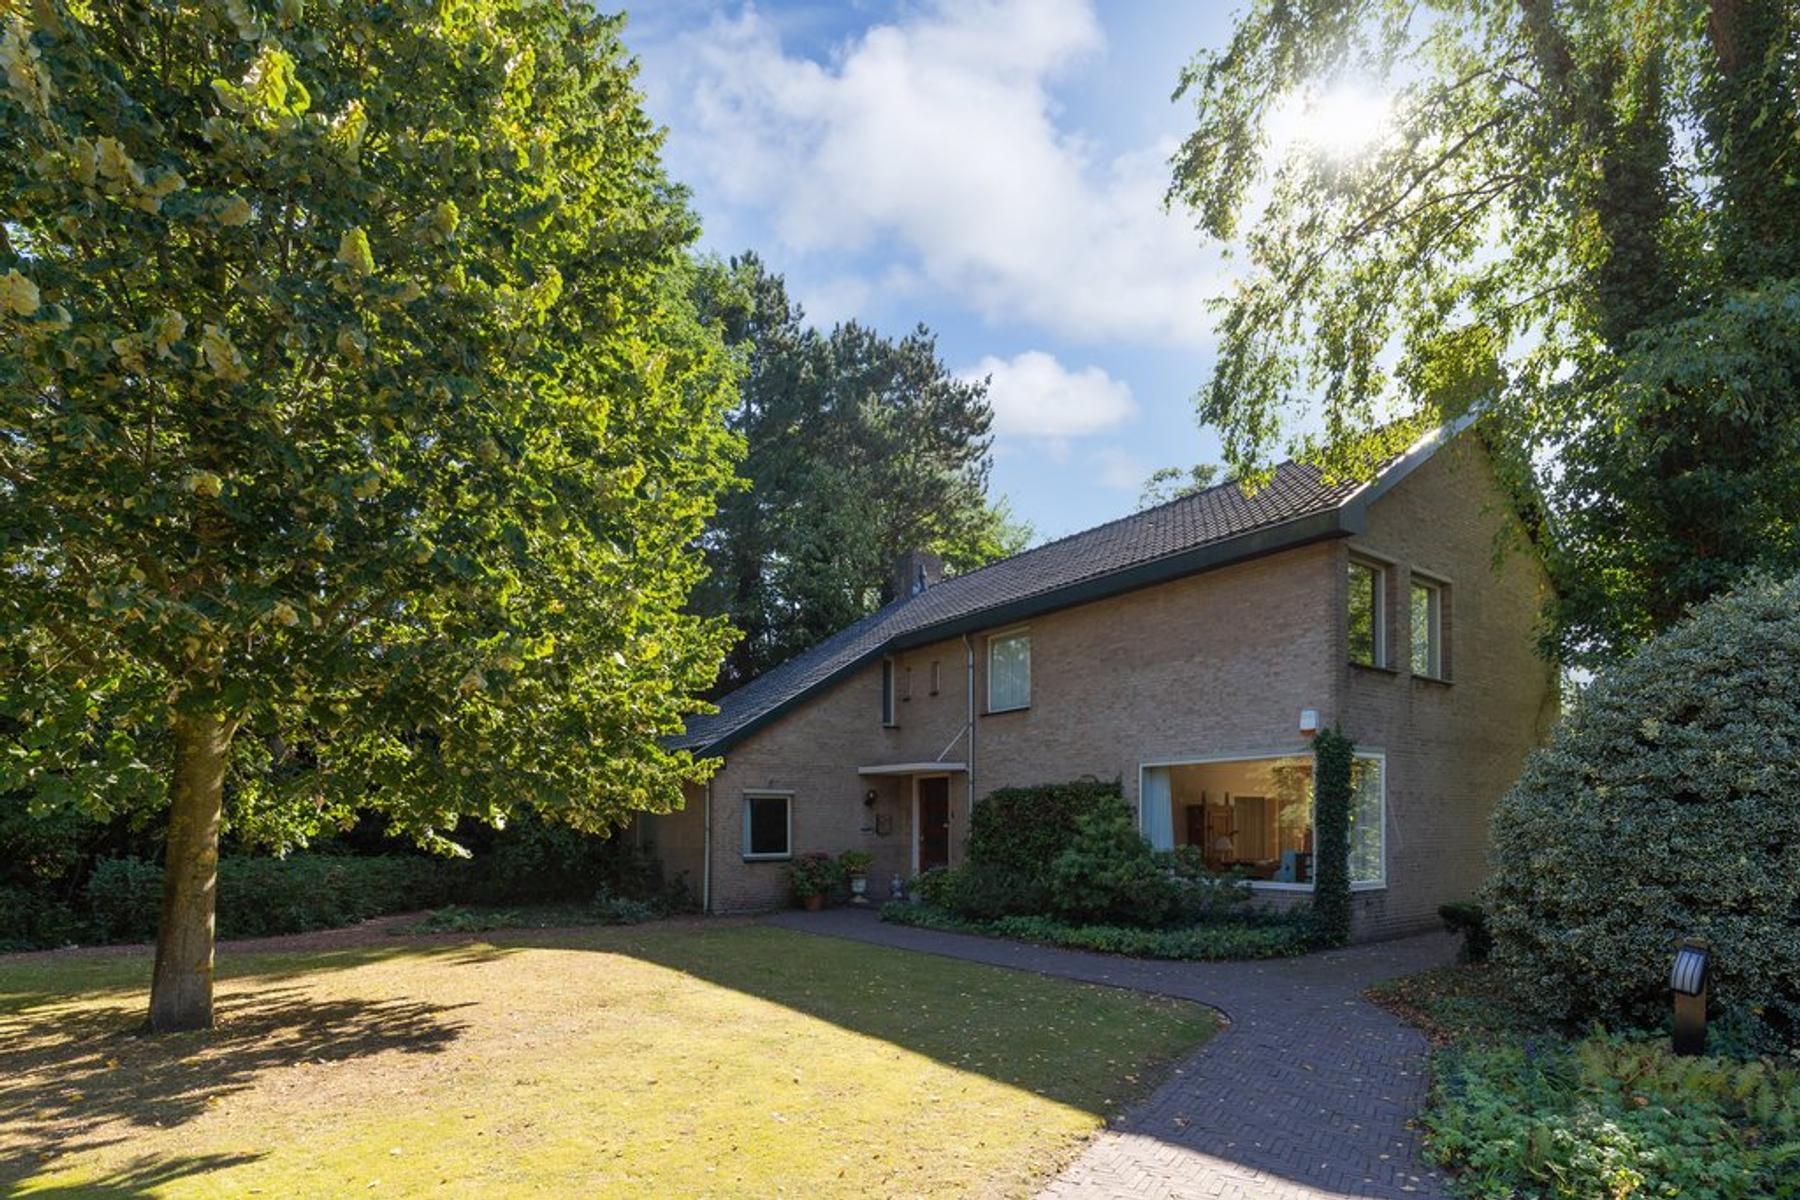 Wagnerlaan 4 in 'S-Hertogenbosch 5216 GG